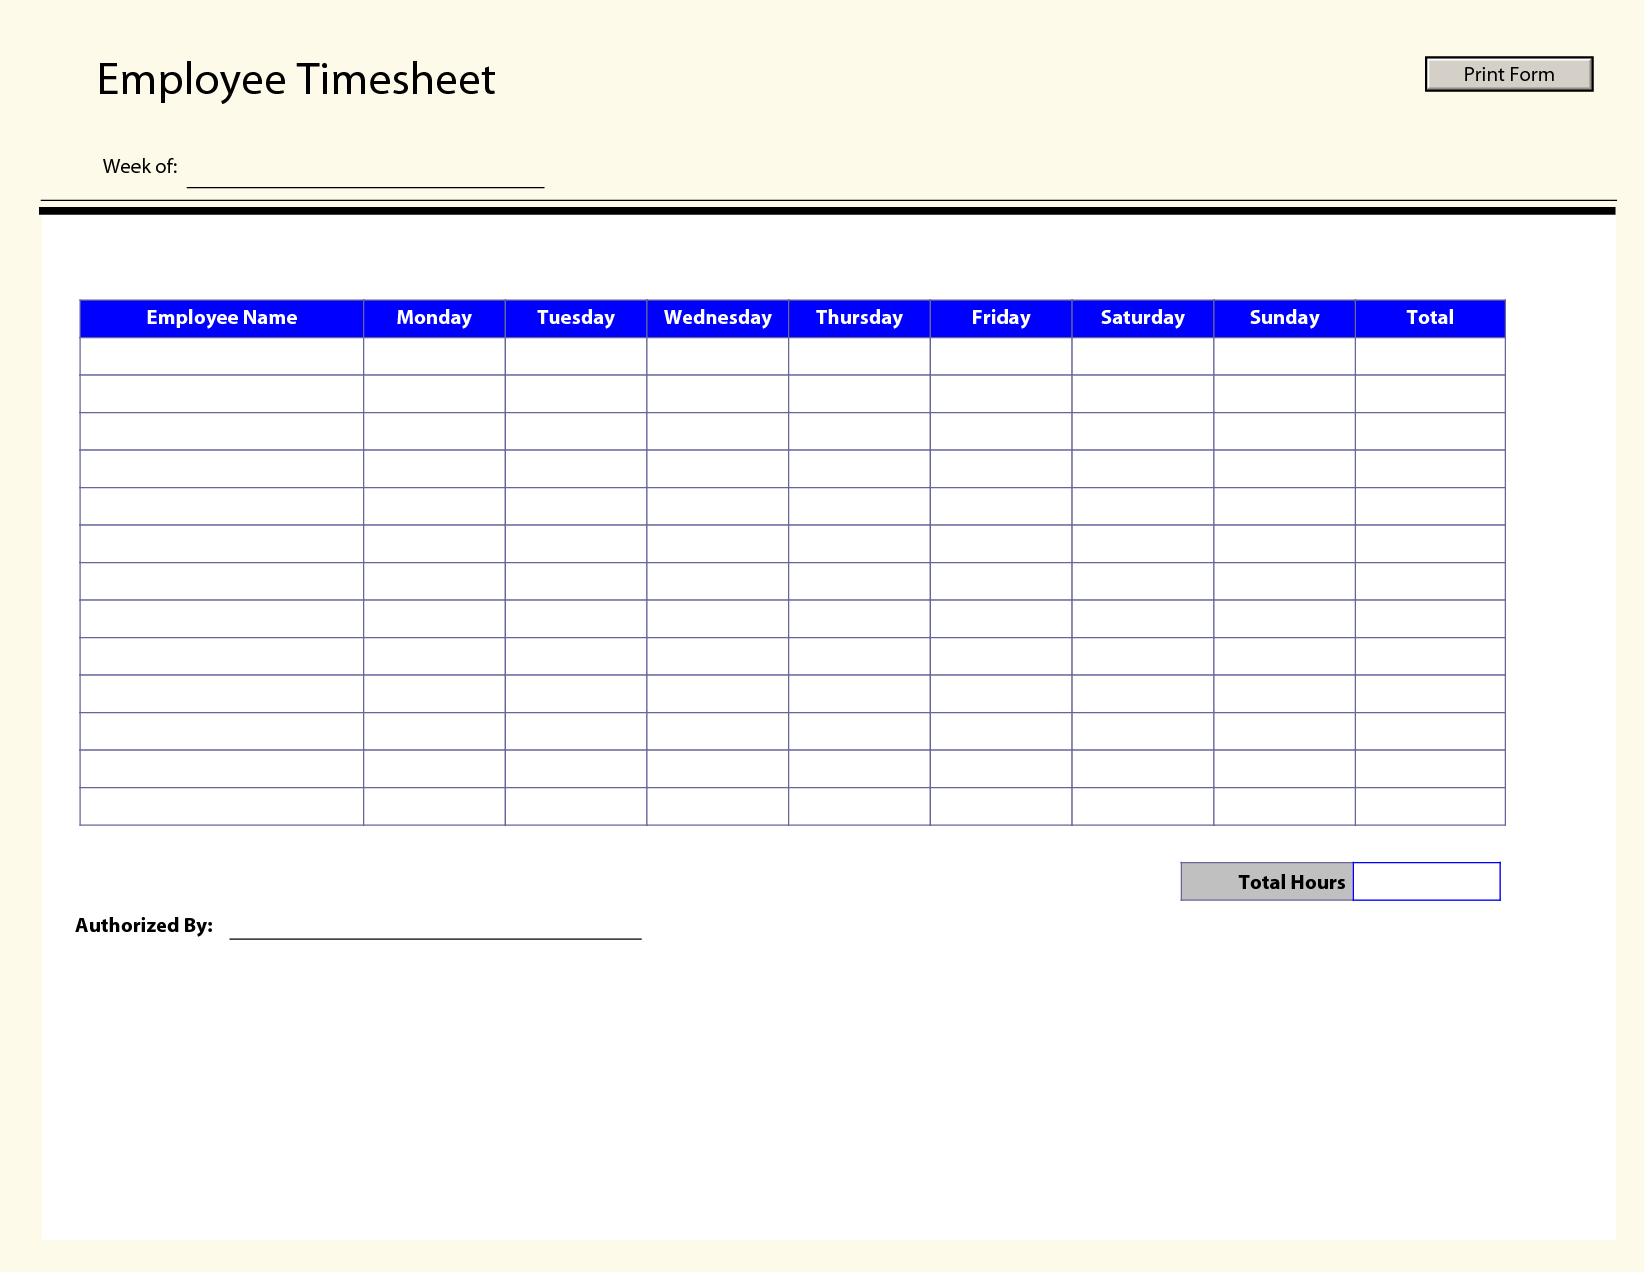 Blank Employee Timesheet Template   Management Templates   Timesheet - Free Printable Time Sheets Forms